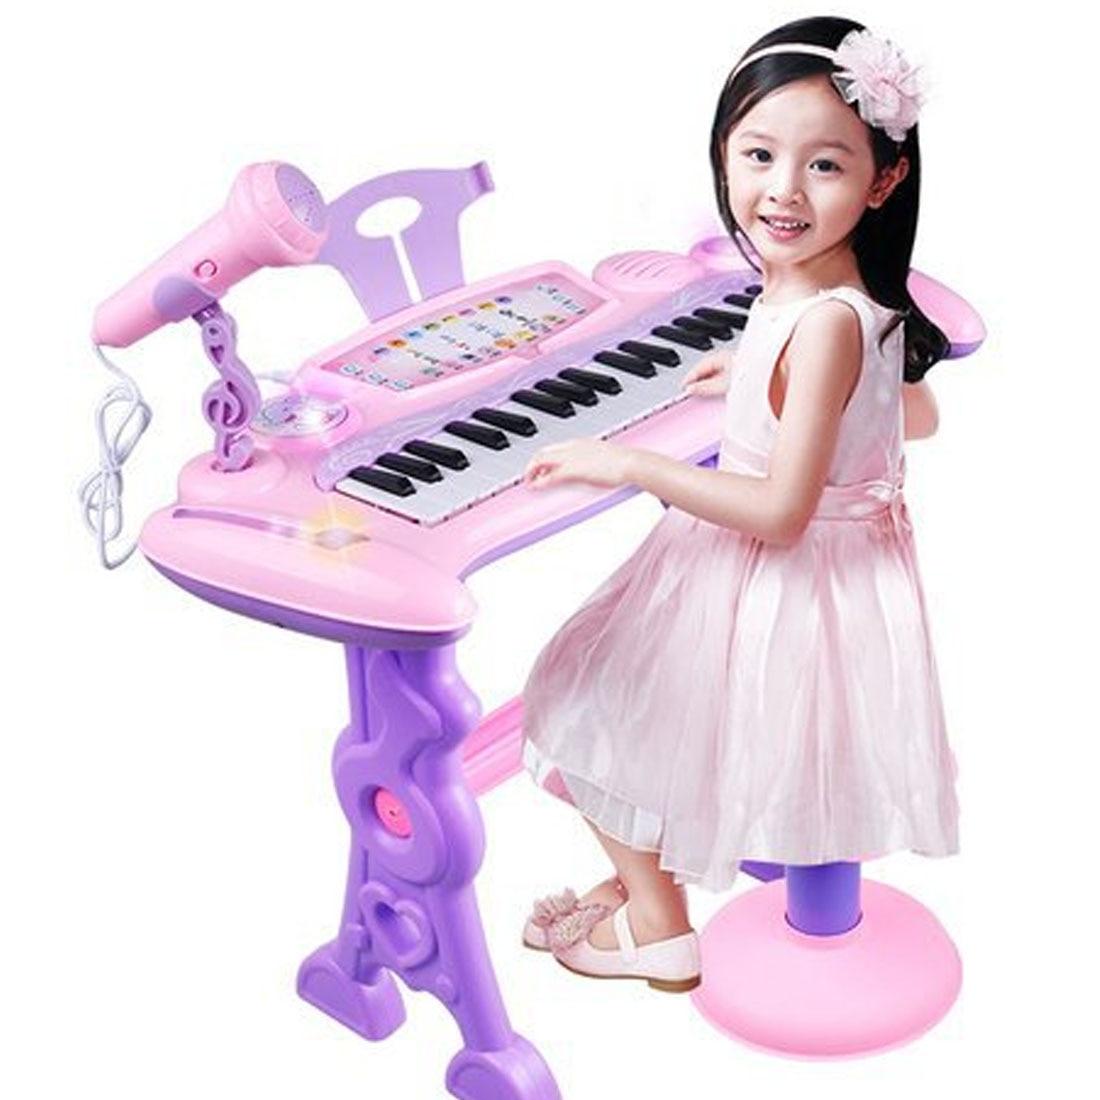 Juguete Musical Chargable para niños 37 teclas de órgano electrónico con micrófono y taburete para niñas juguetes de educación temprana para niños